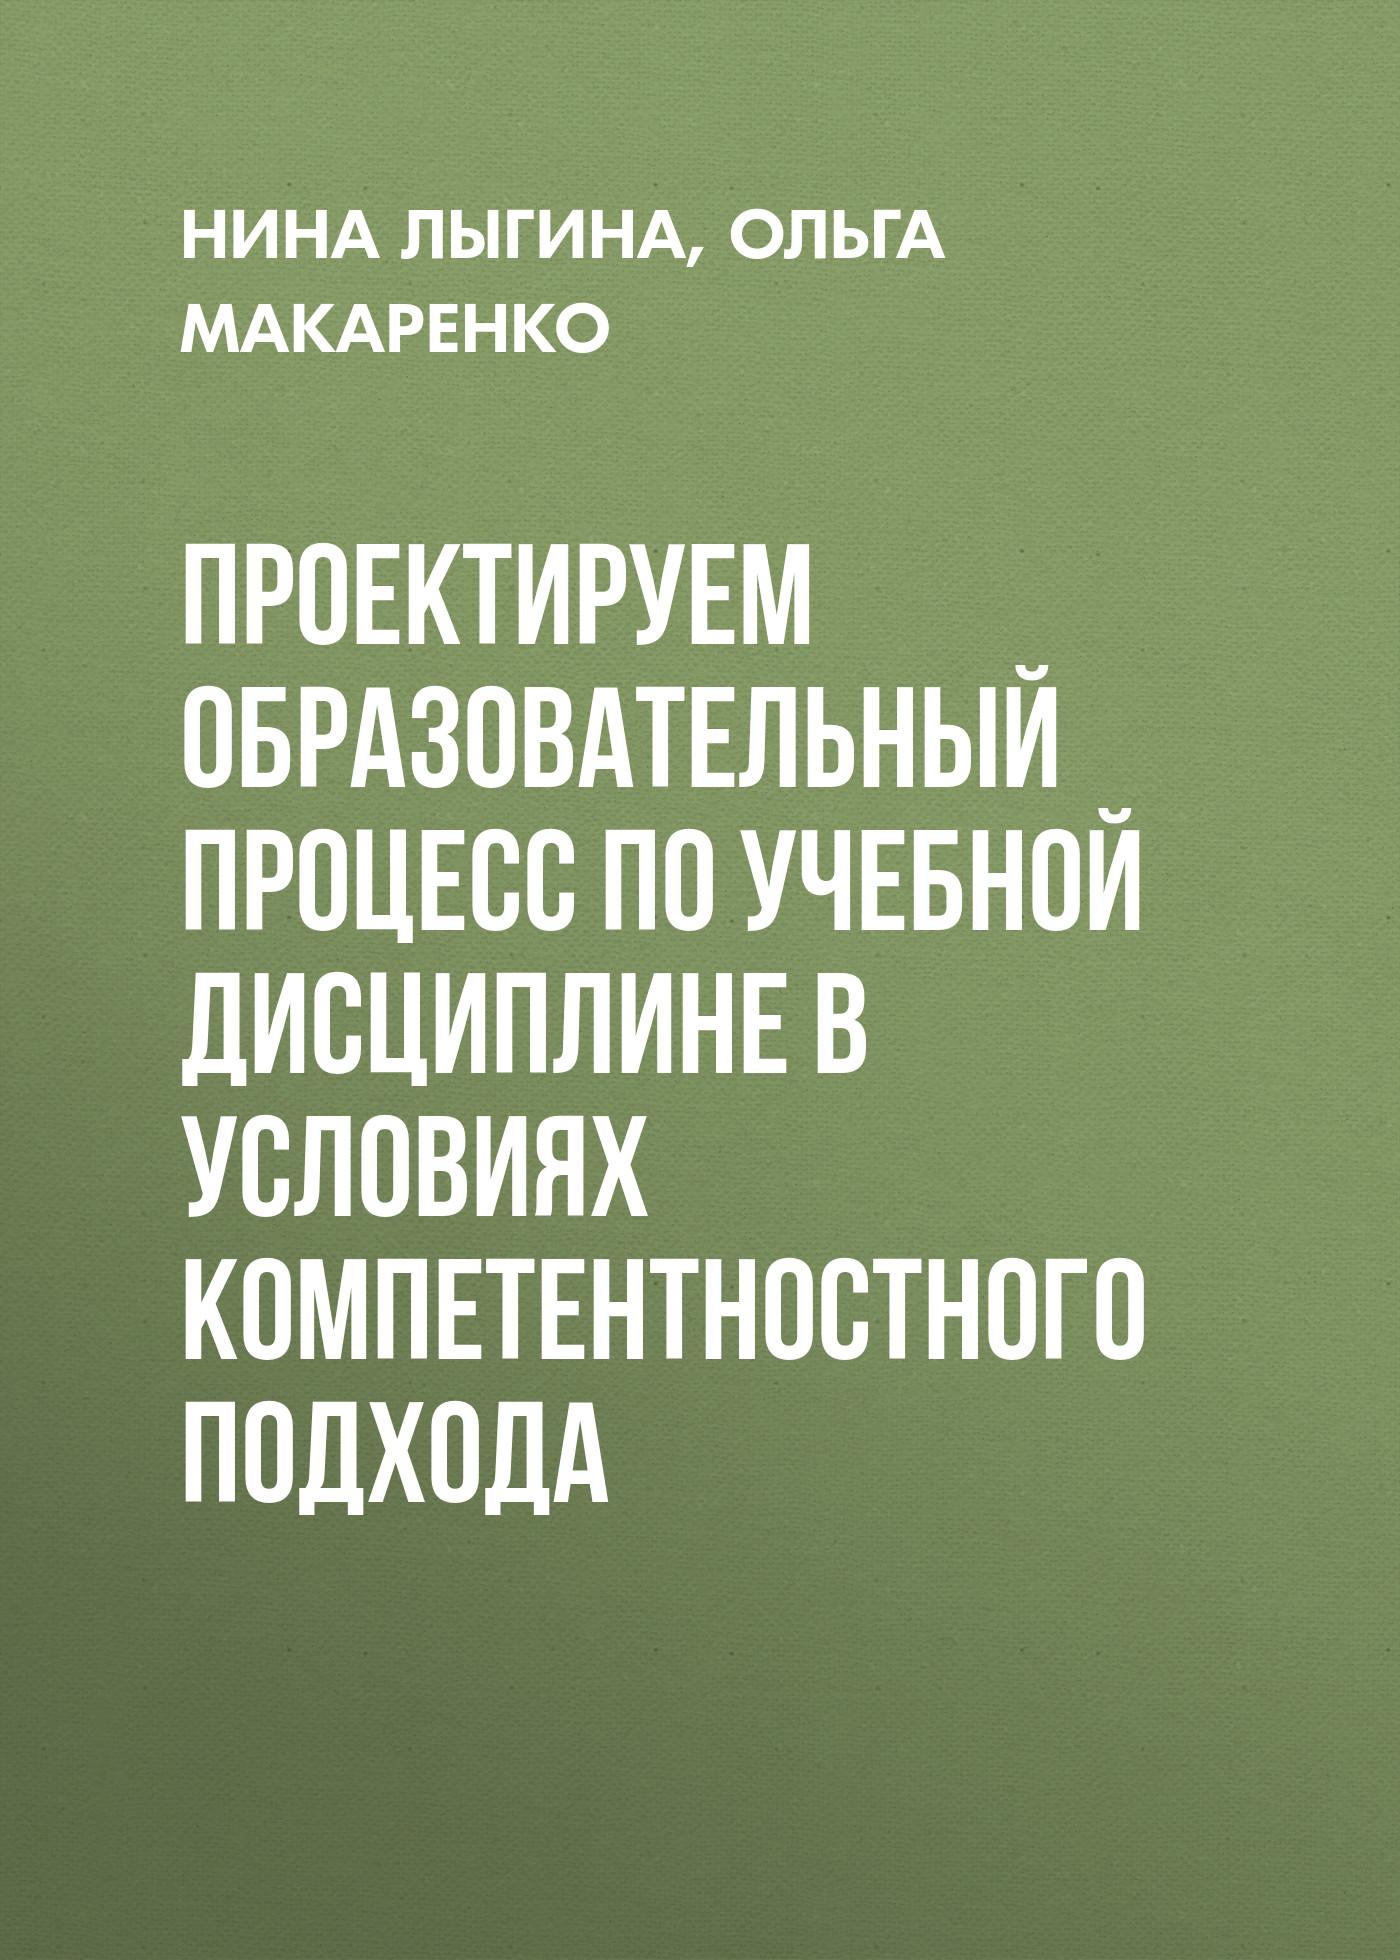 Ольга Макаренко Проектируем образовательный процесс по учебной дисциплине в условиях компетентностного подхода юрий татур образовательный процесс в вузе методология и опыт проектирования page 4